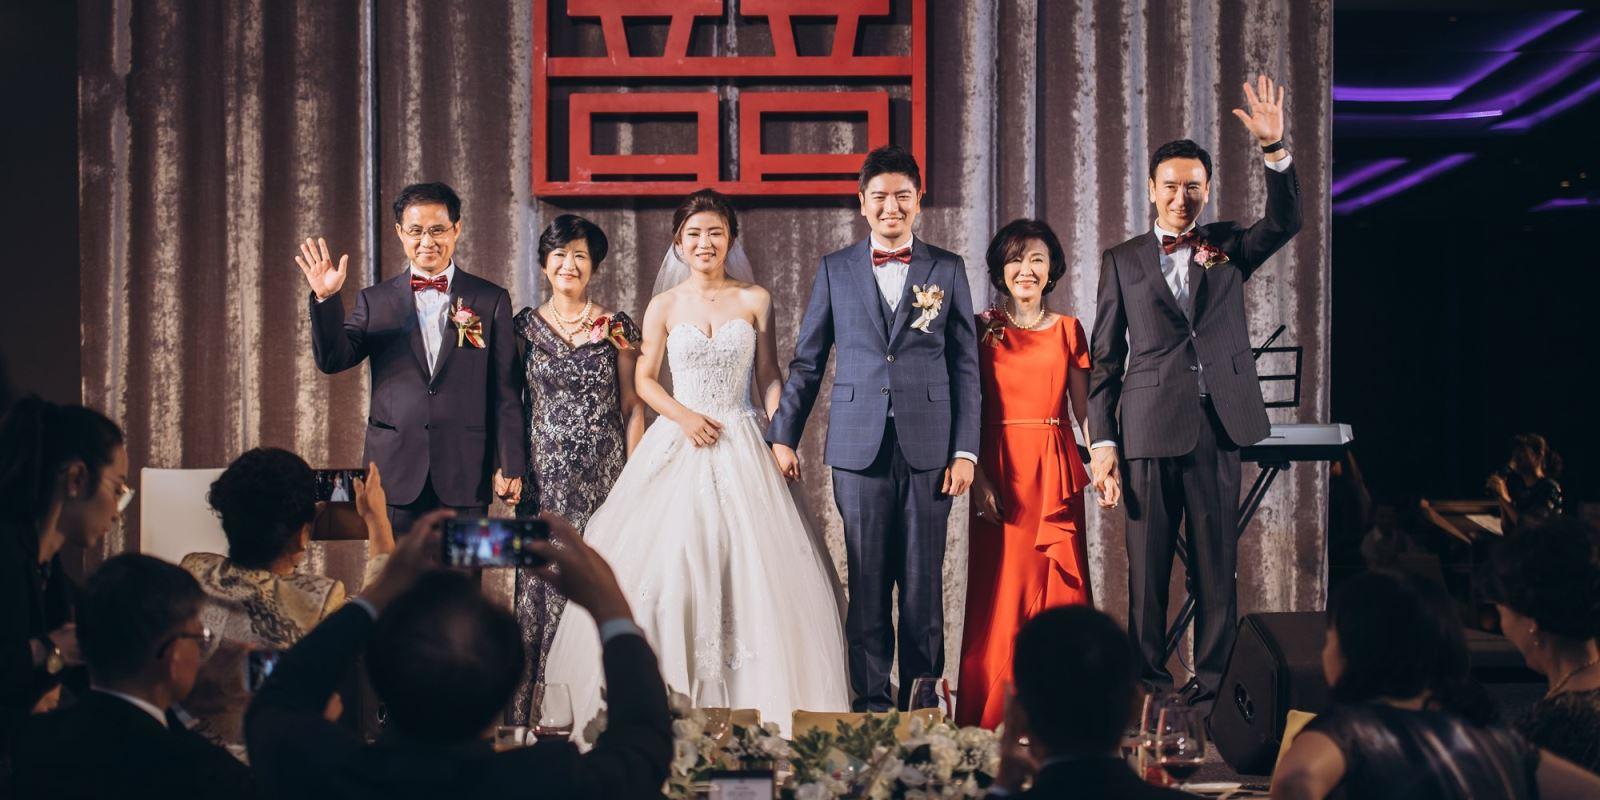 婚禮中,家長上台後,站的位置,TWO in ONE婚禮團隊會在彩排時,一一告知,以便在婚禮正式時,一切都是沒問題的.